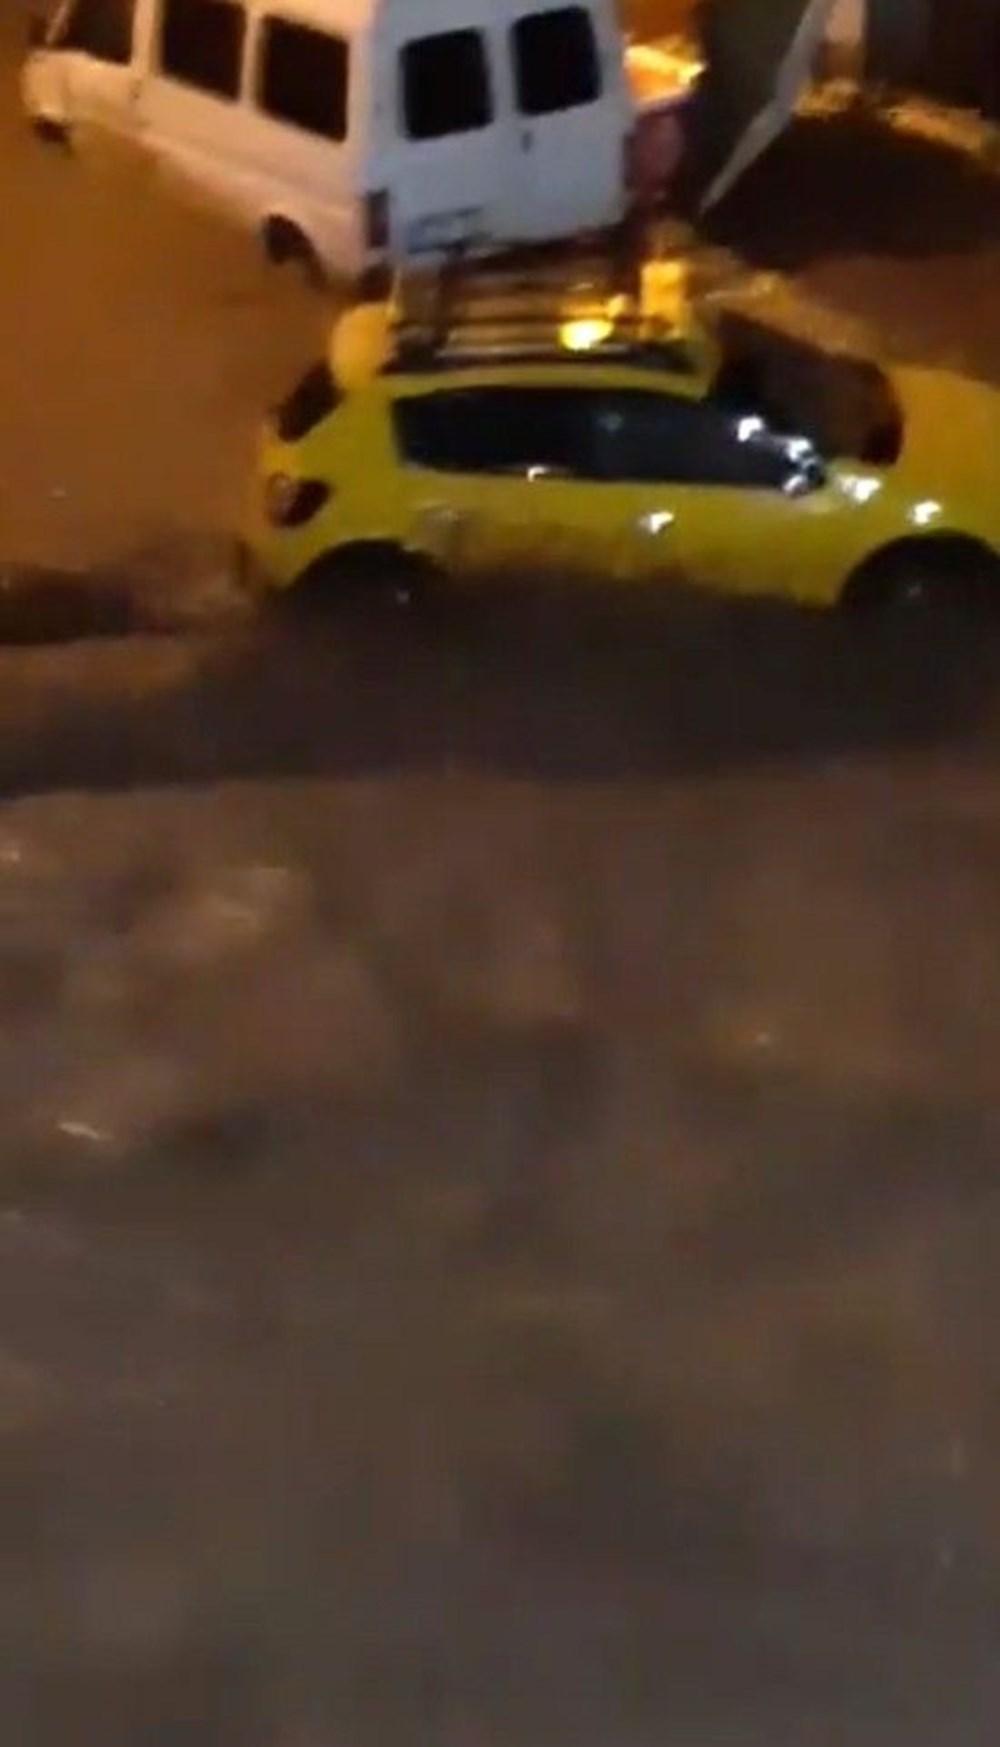 Giresun'u sel vurdu: 3 kişi hayatını kaybetti - 8